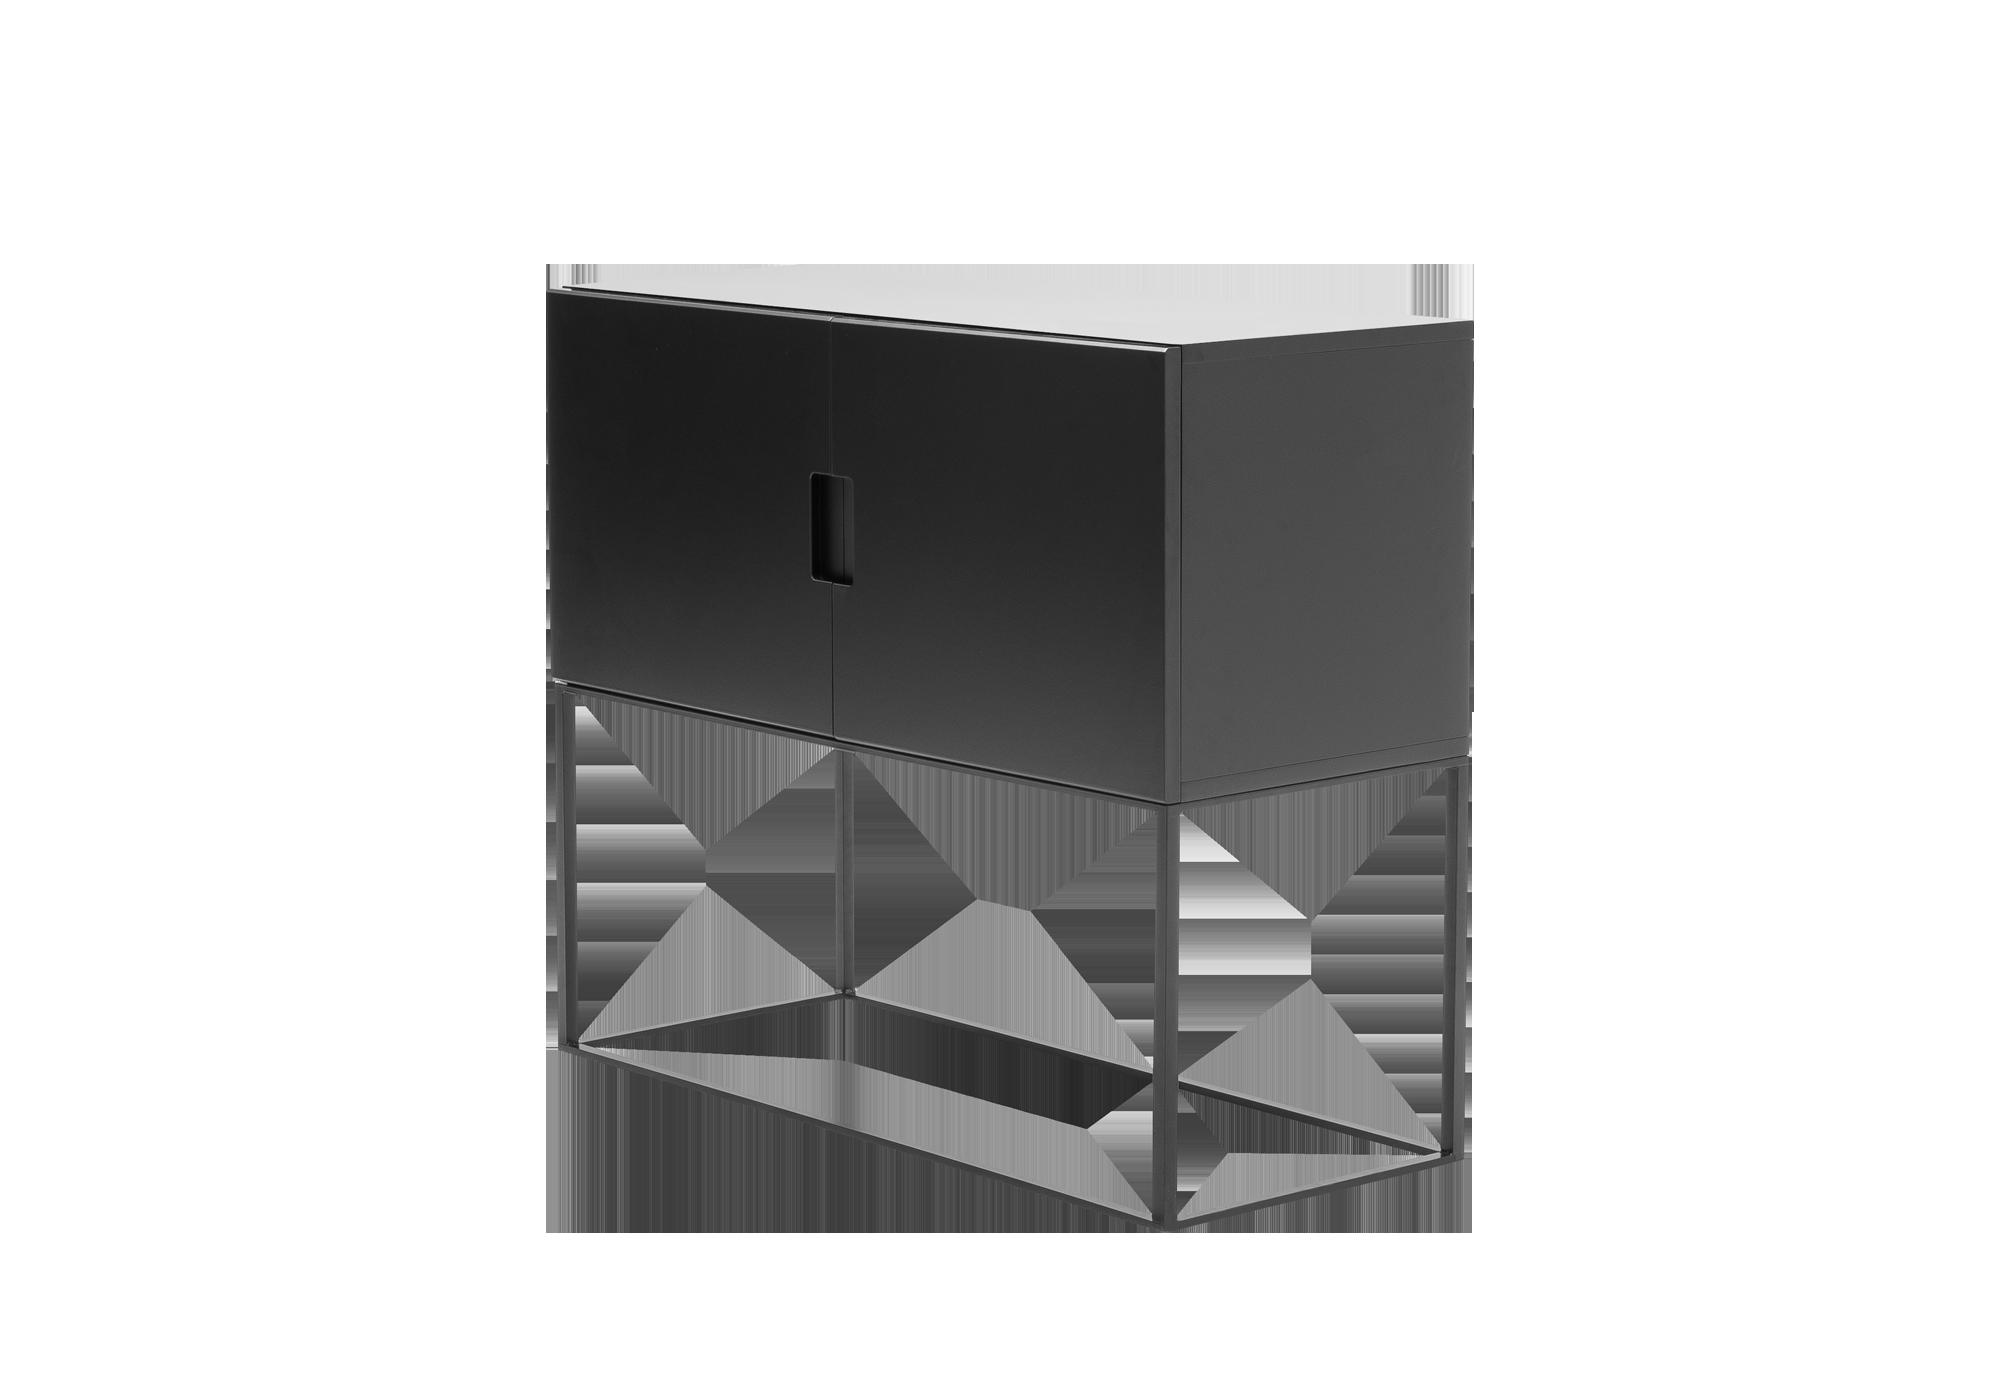 FISCHER #shelving #system #furniture #black #modular #objekteunserertage